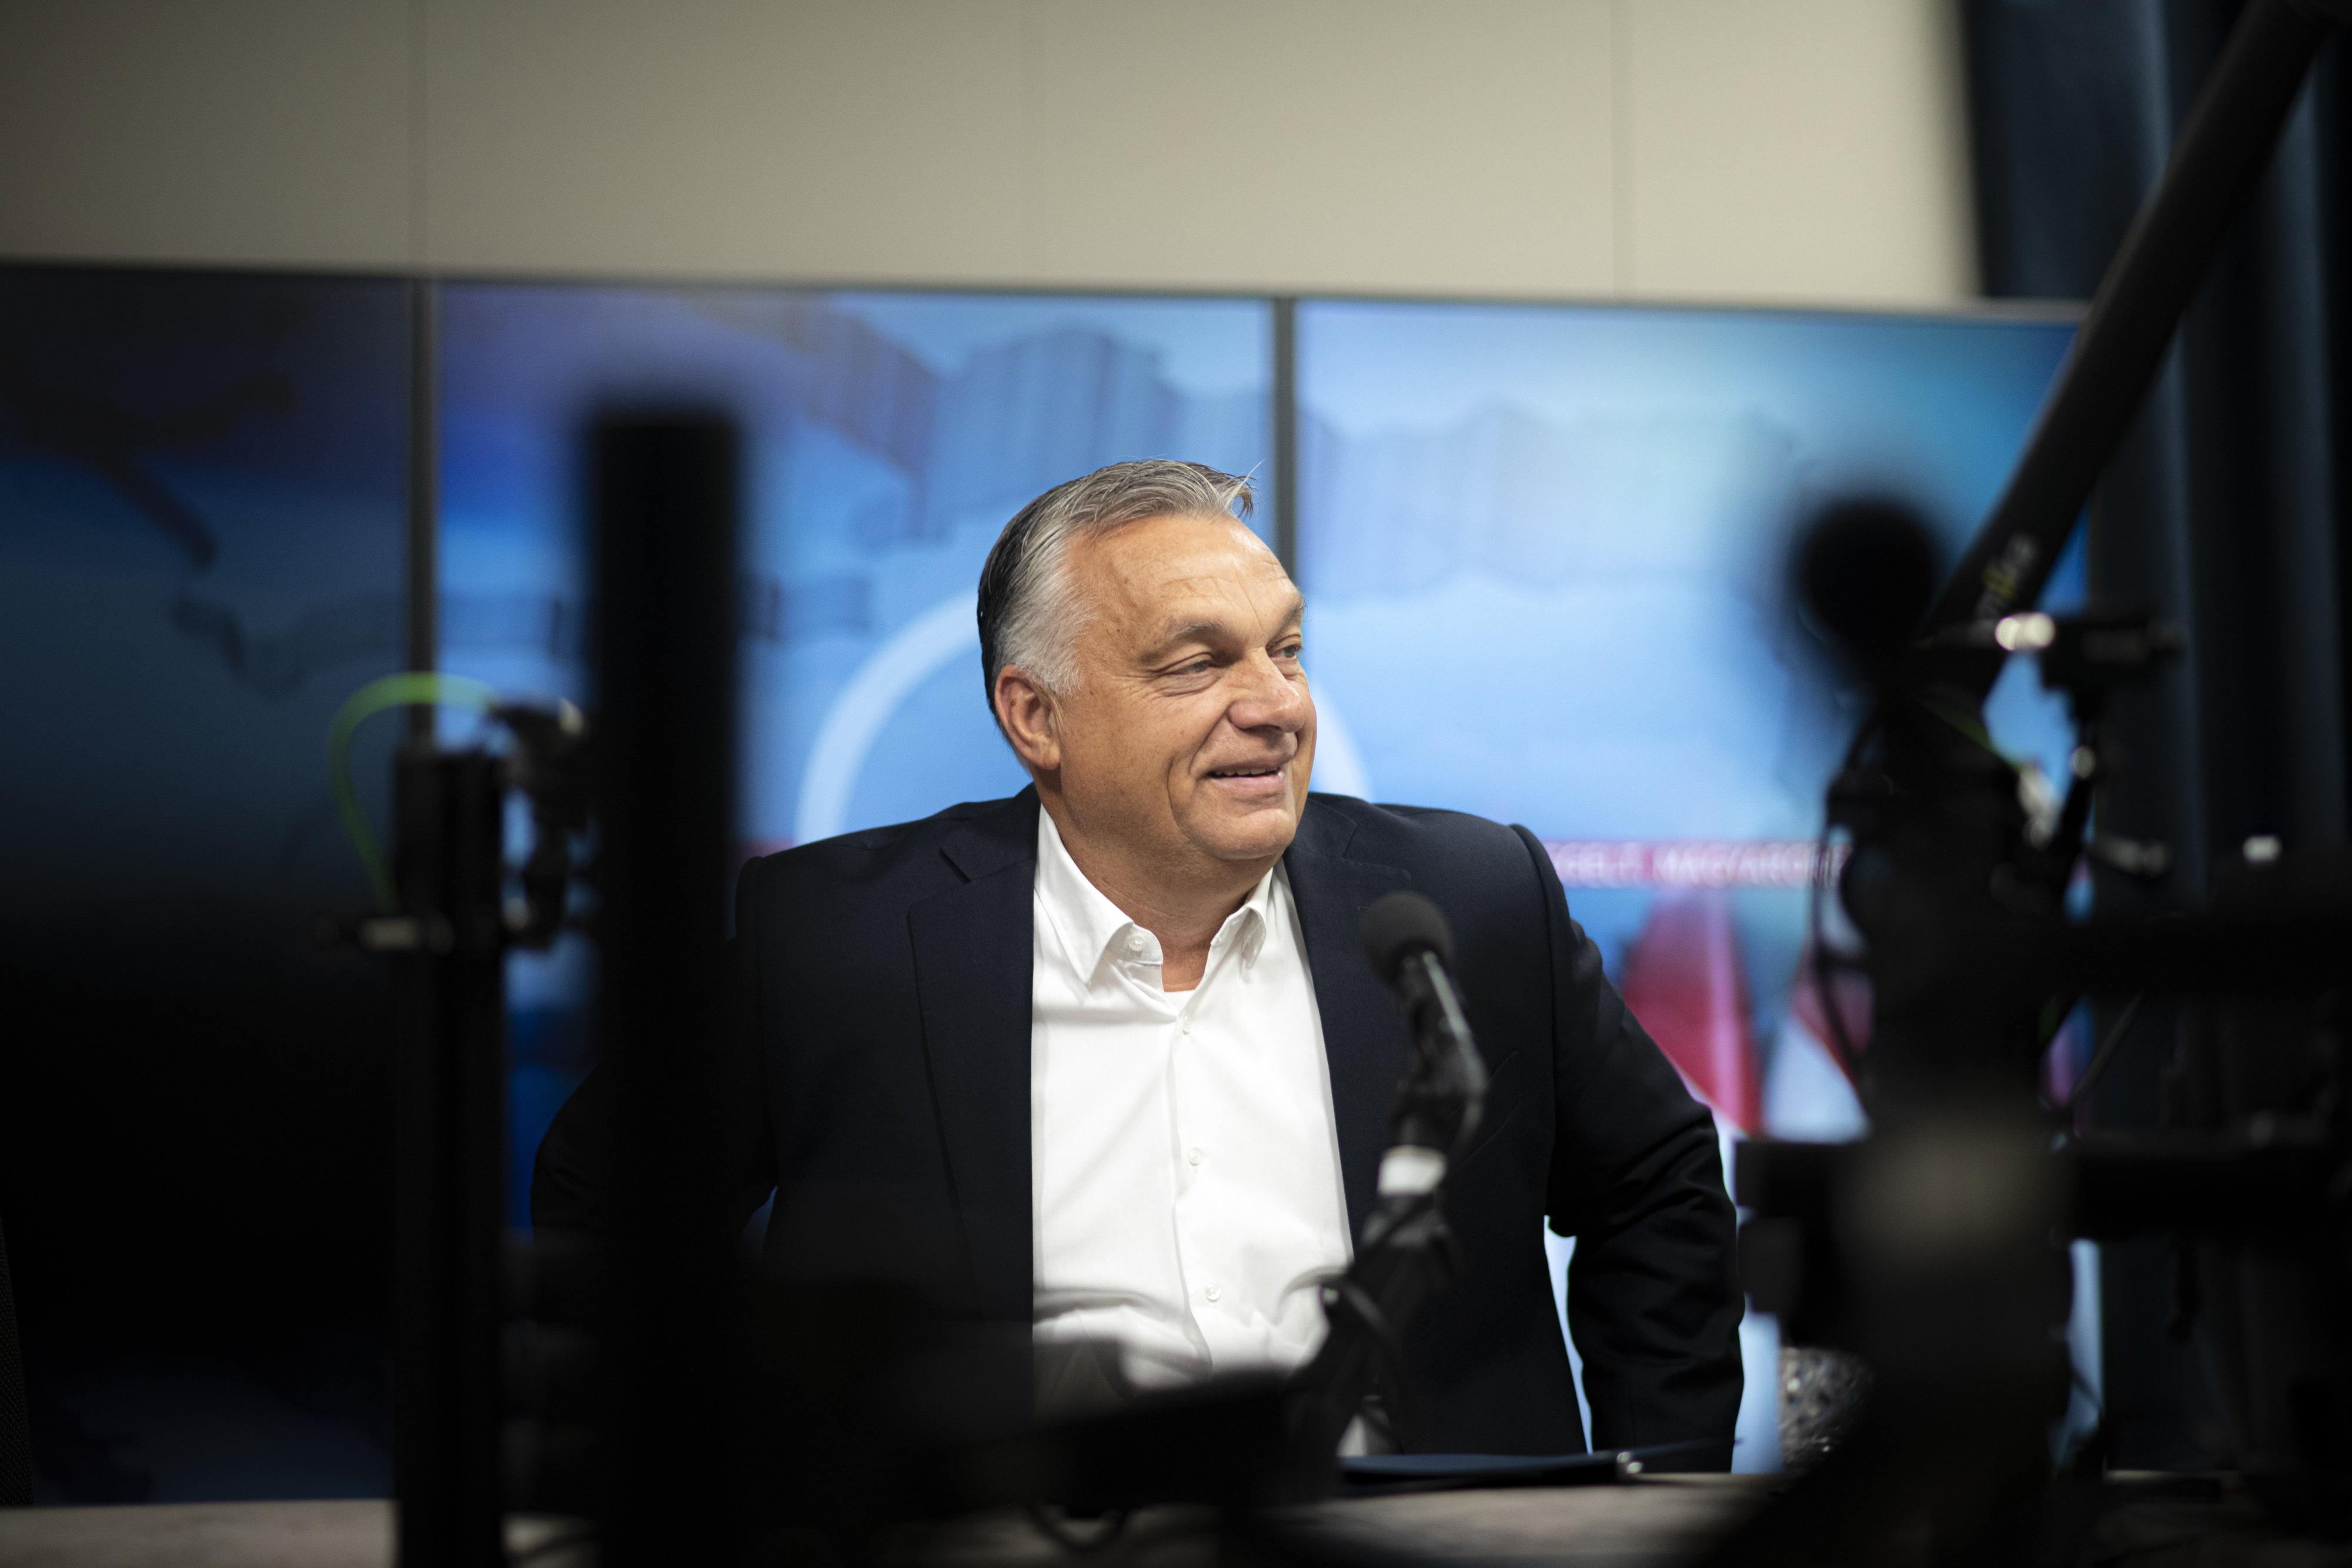 Egy friss kutatás alapján is egyértelmű: Orbán Viktort akarják miniszterelnöknek a magyarok